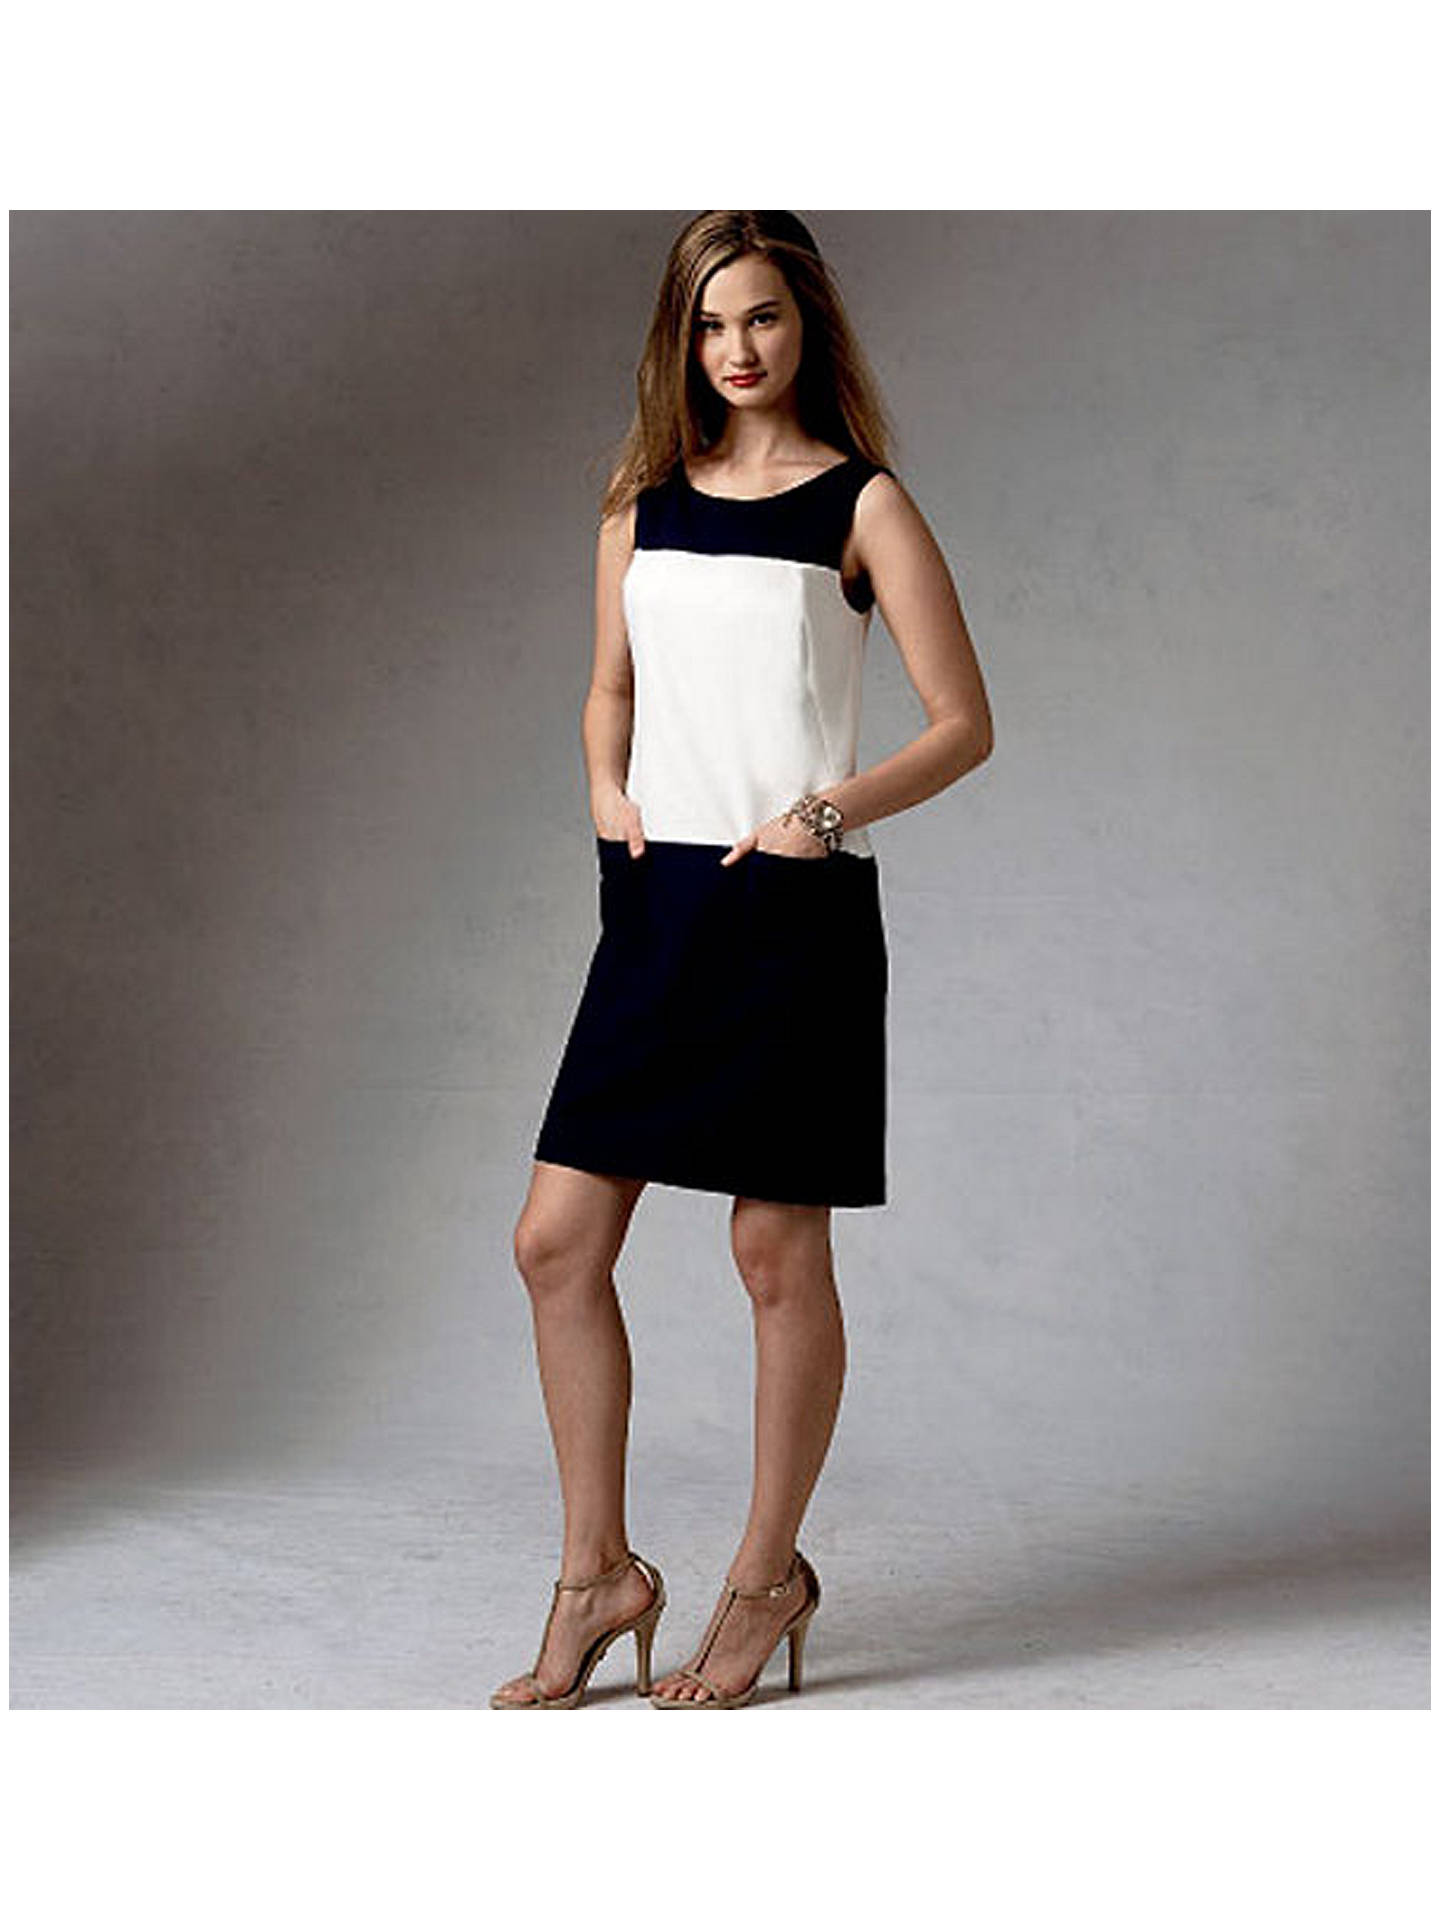 Vogue Anne Klein Women S Dress Sewing Pattern 1382 B5 Online At Johnlewis